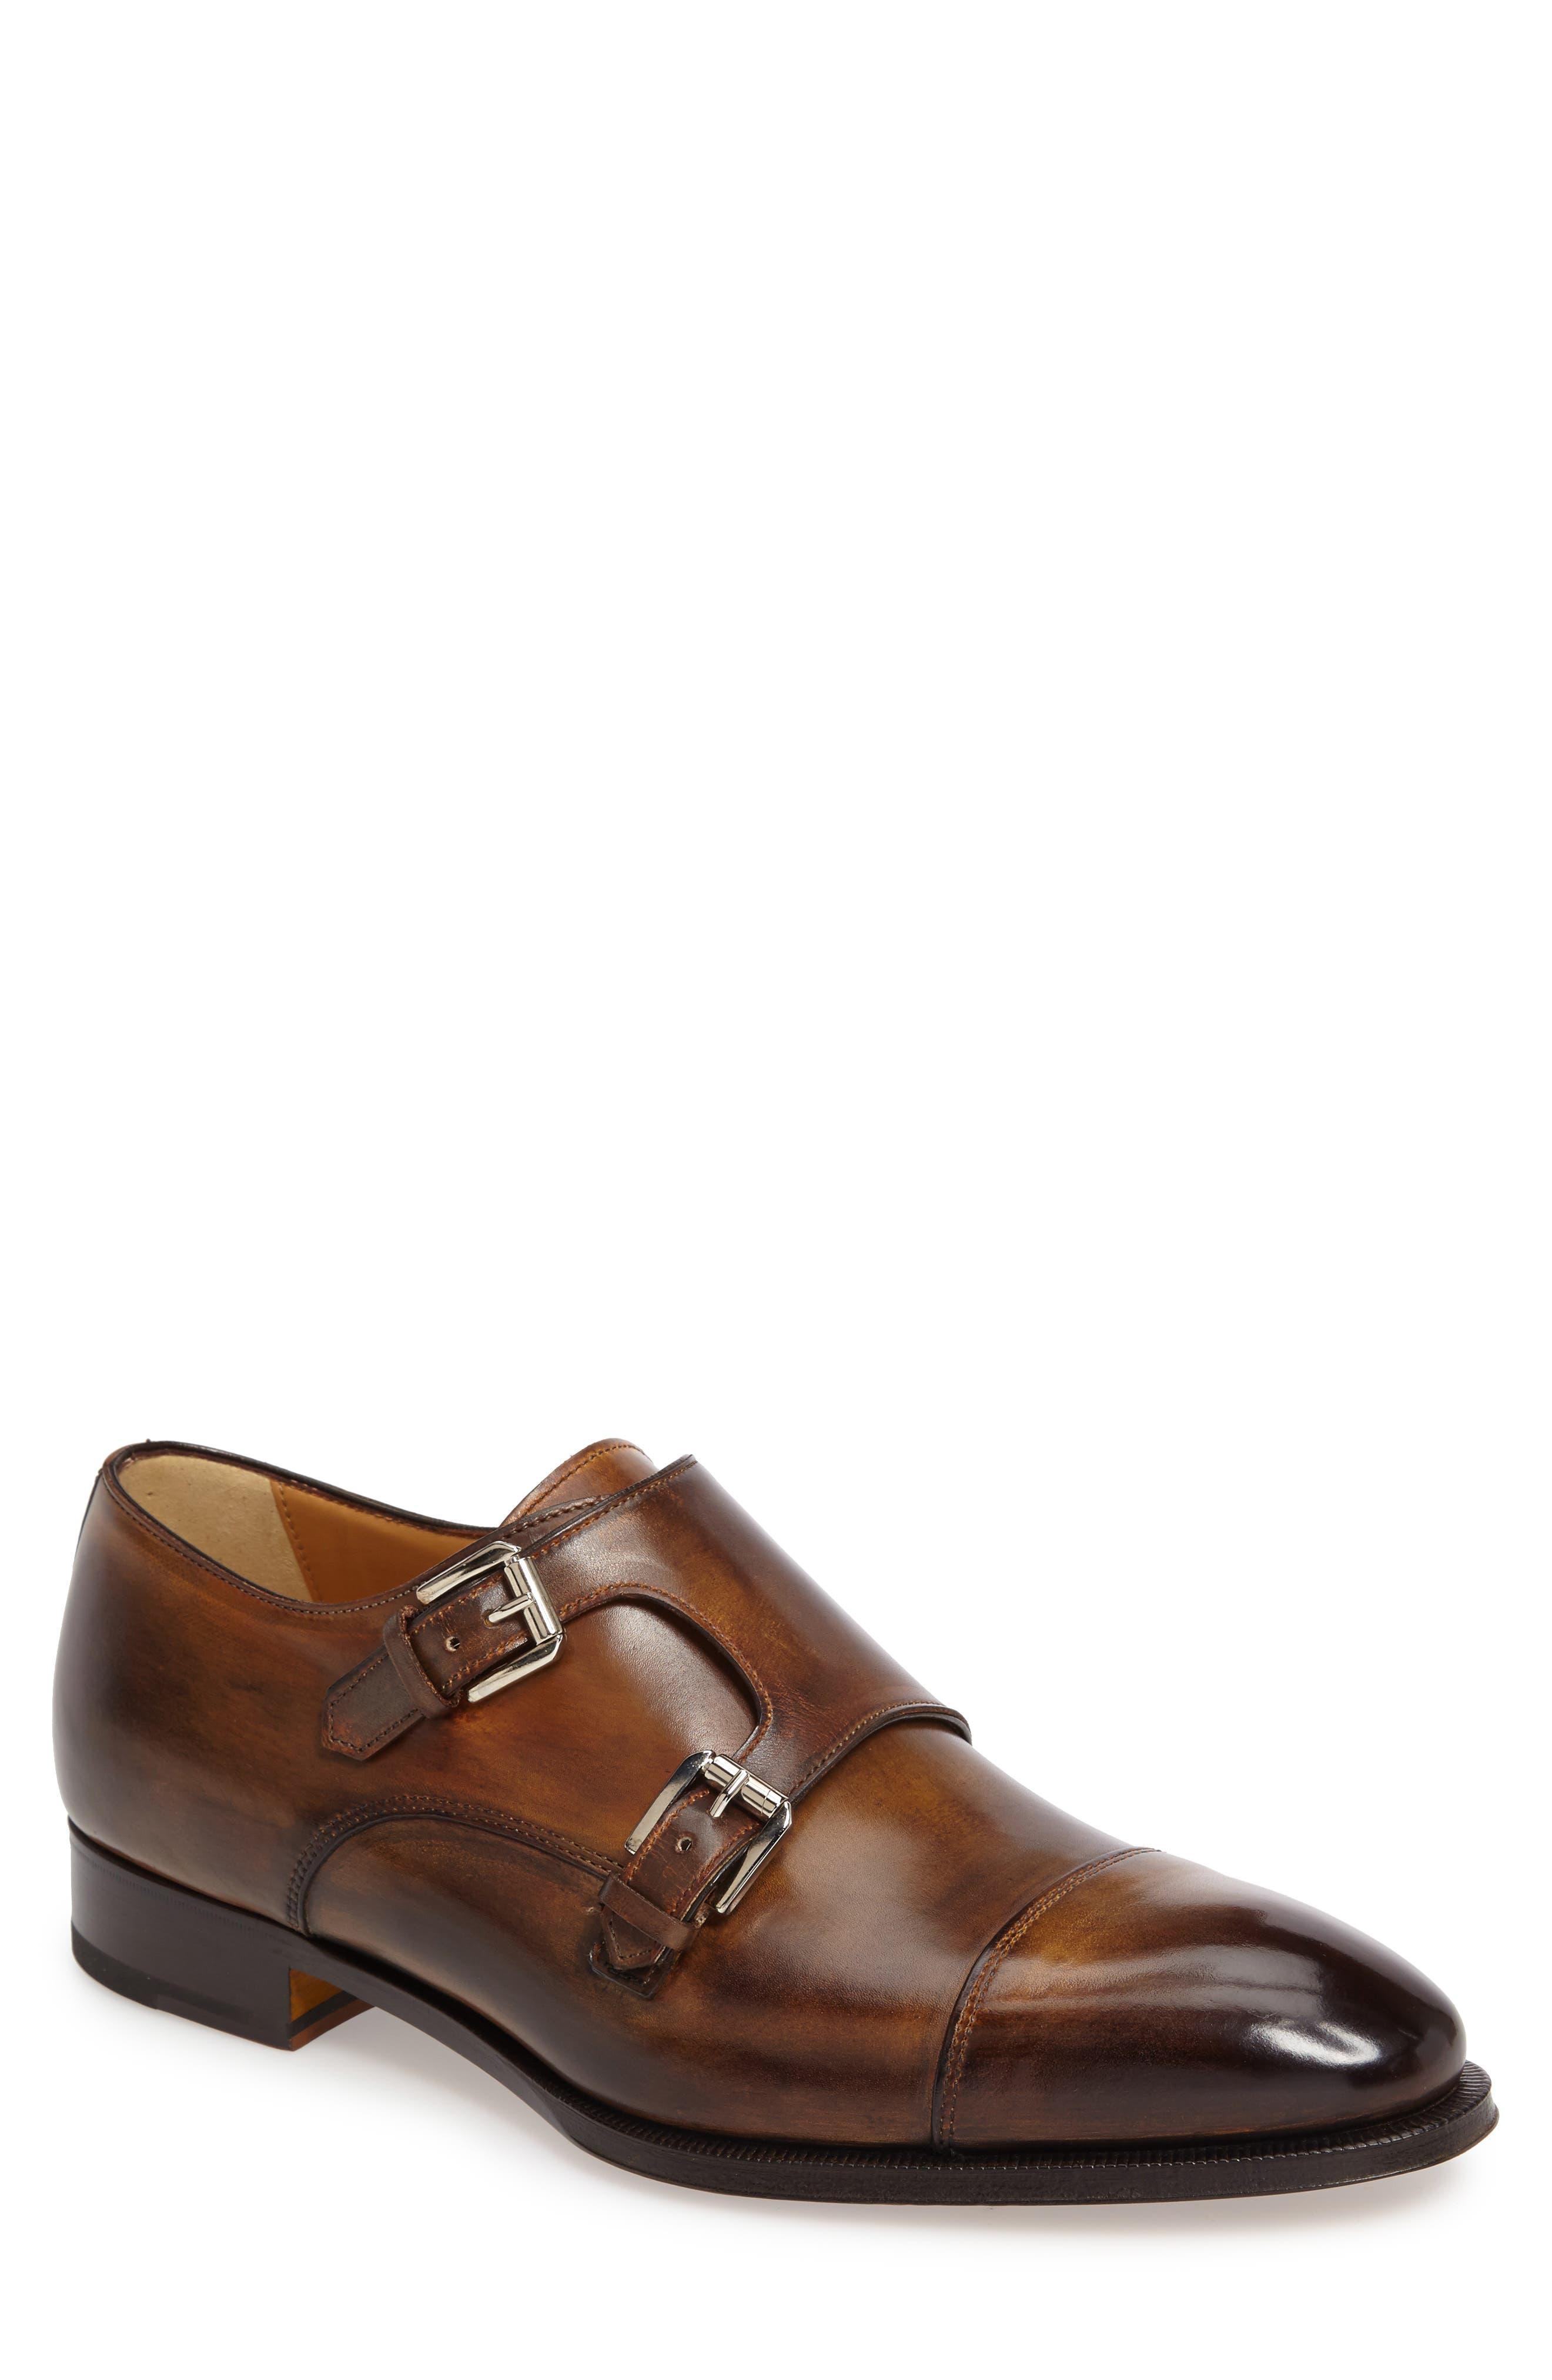 Di Gallo Bianco Blake Double Monk Strap Shoe,                         Main,                         color, 210